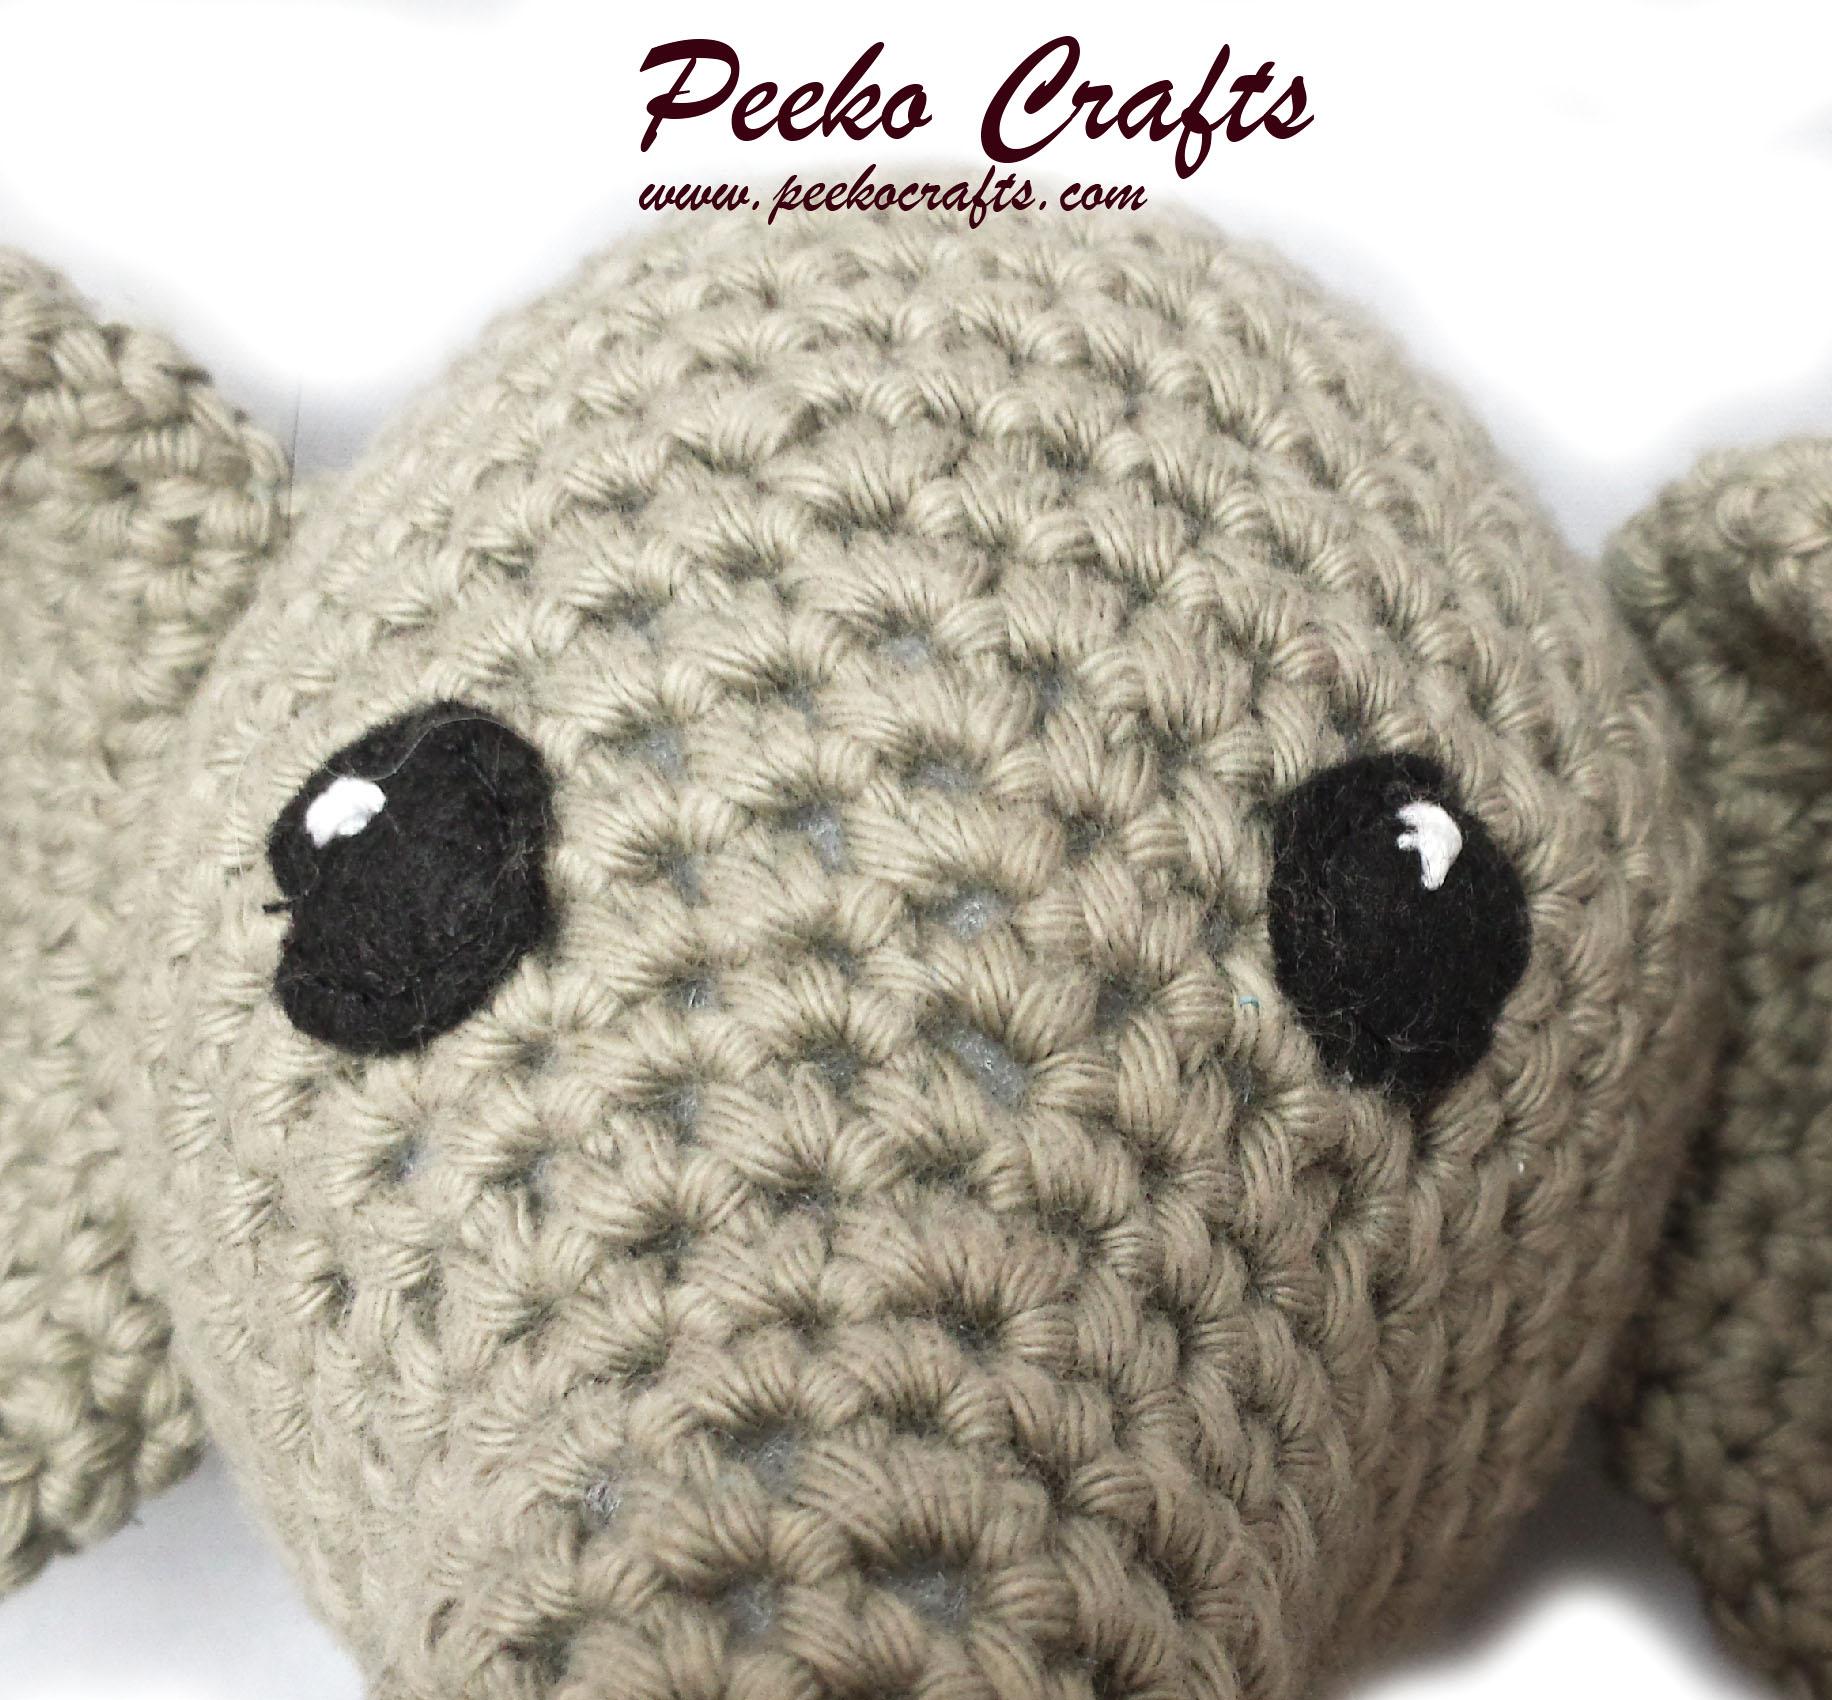 Crocheted Amigurumi Elephant Pattern. | Crochet elephant pattern ... | 1700x1832